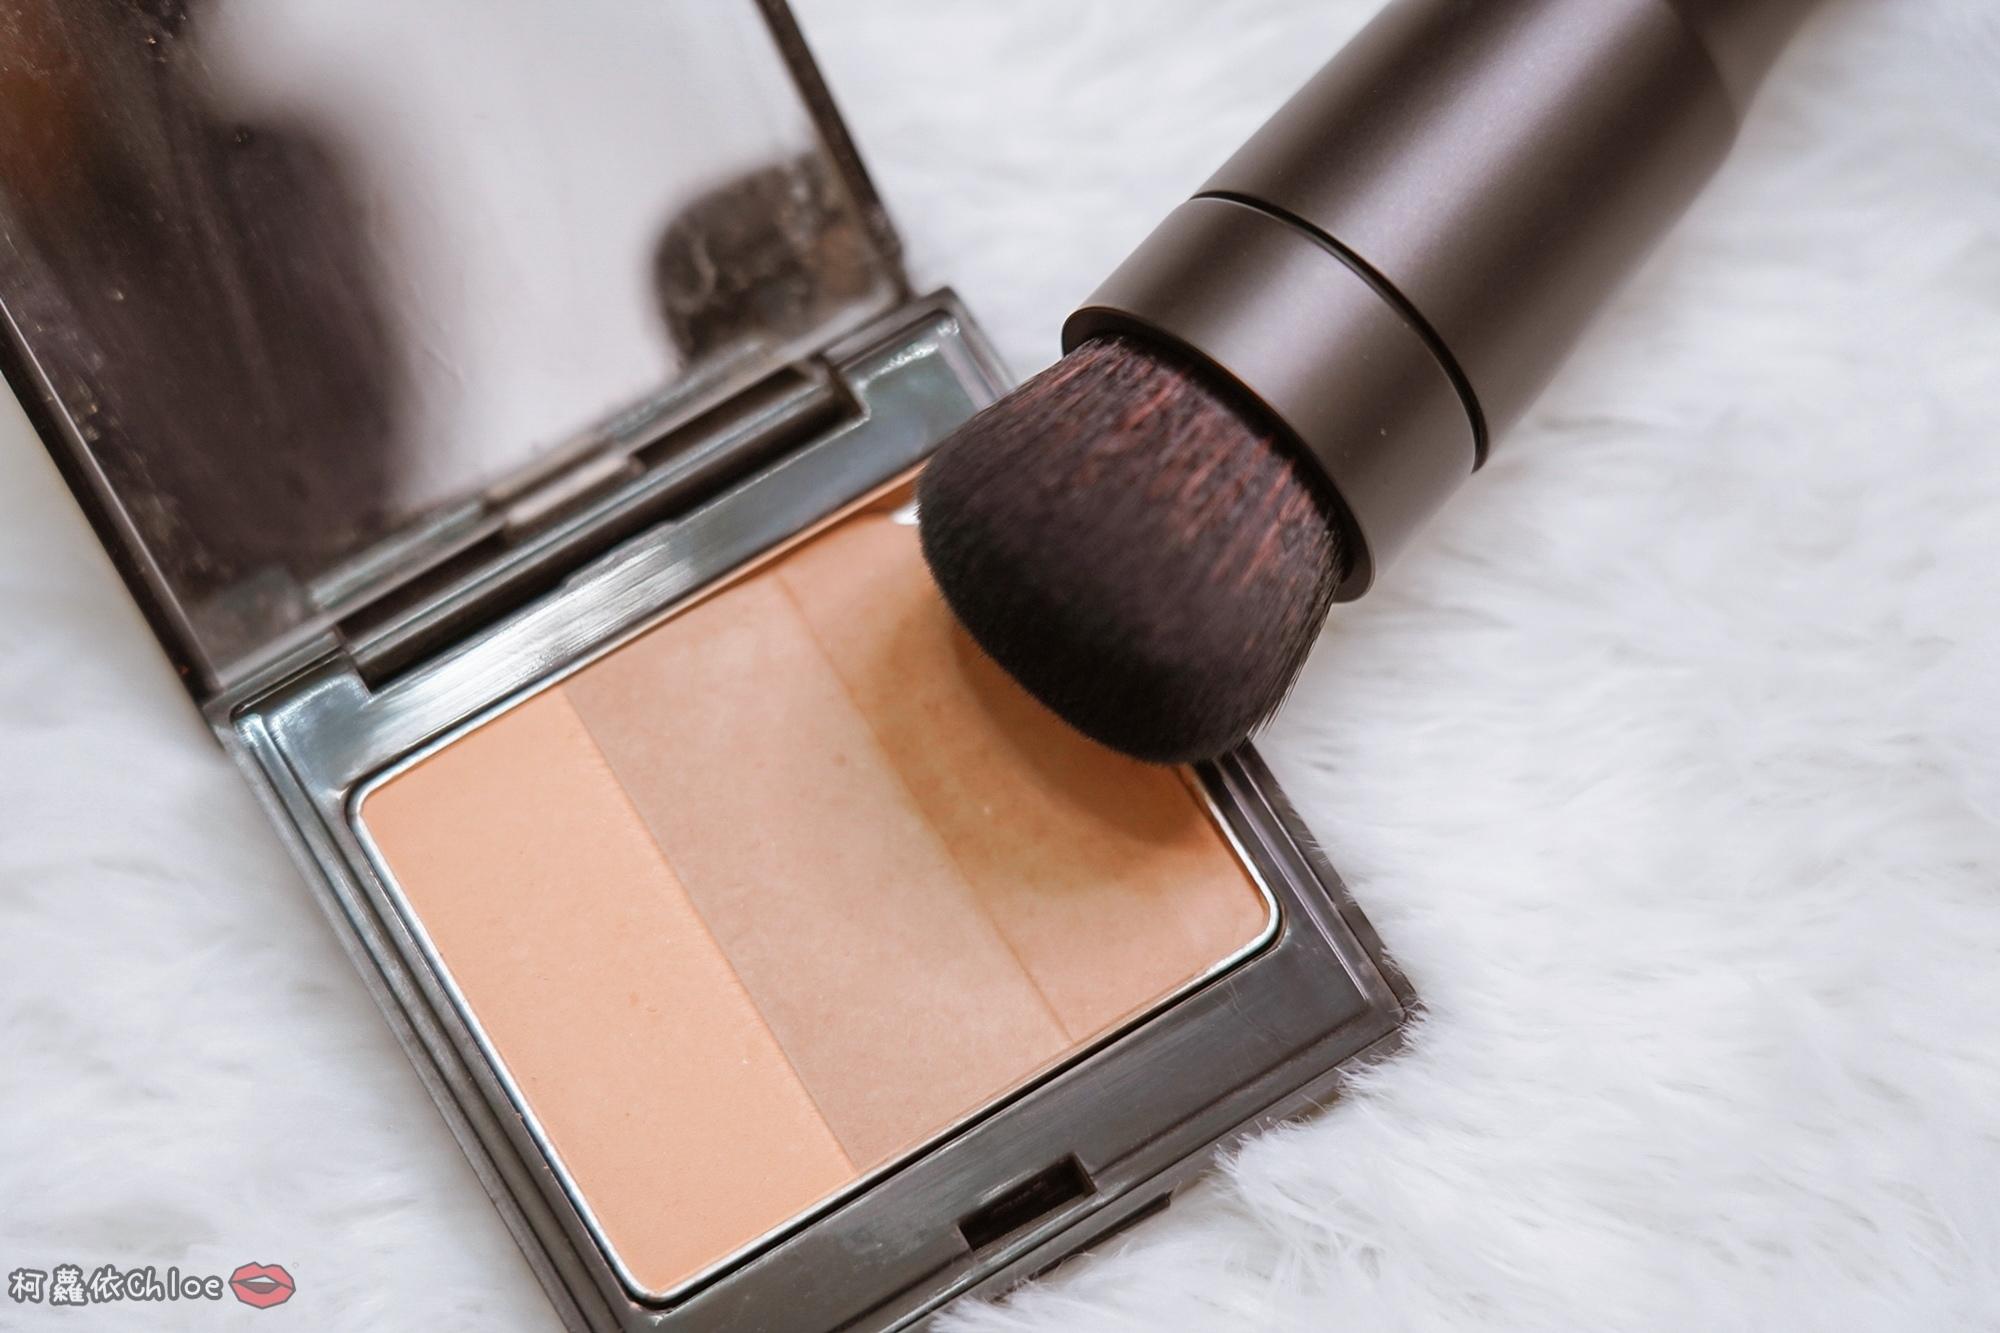 彩妝工具推薦 blendSMART電動化妝刷 達人套裝開箱 上妝輕柔更有效率32.jpg